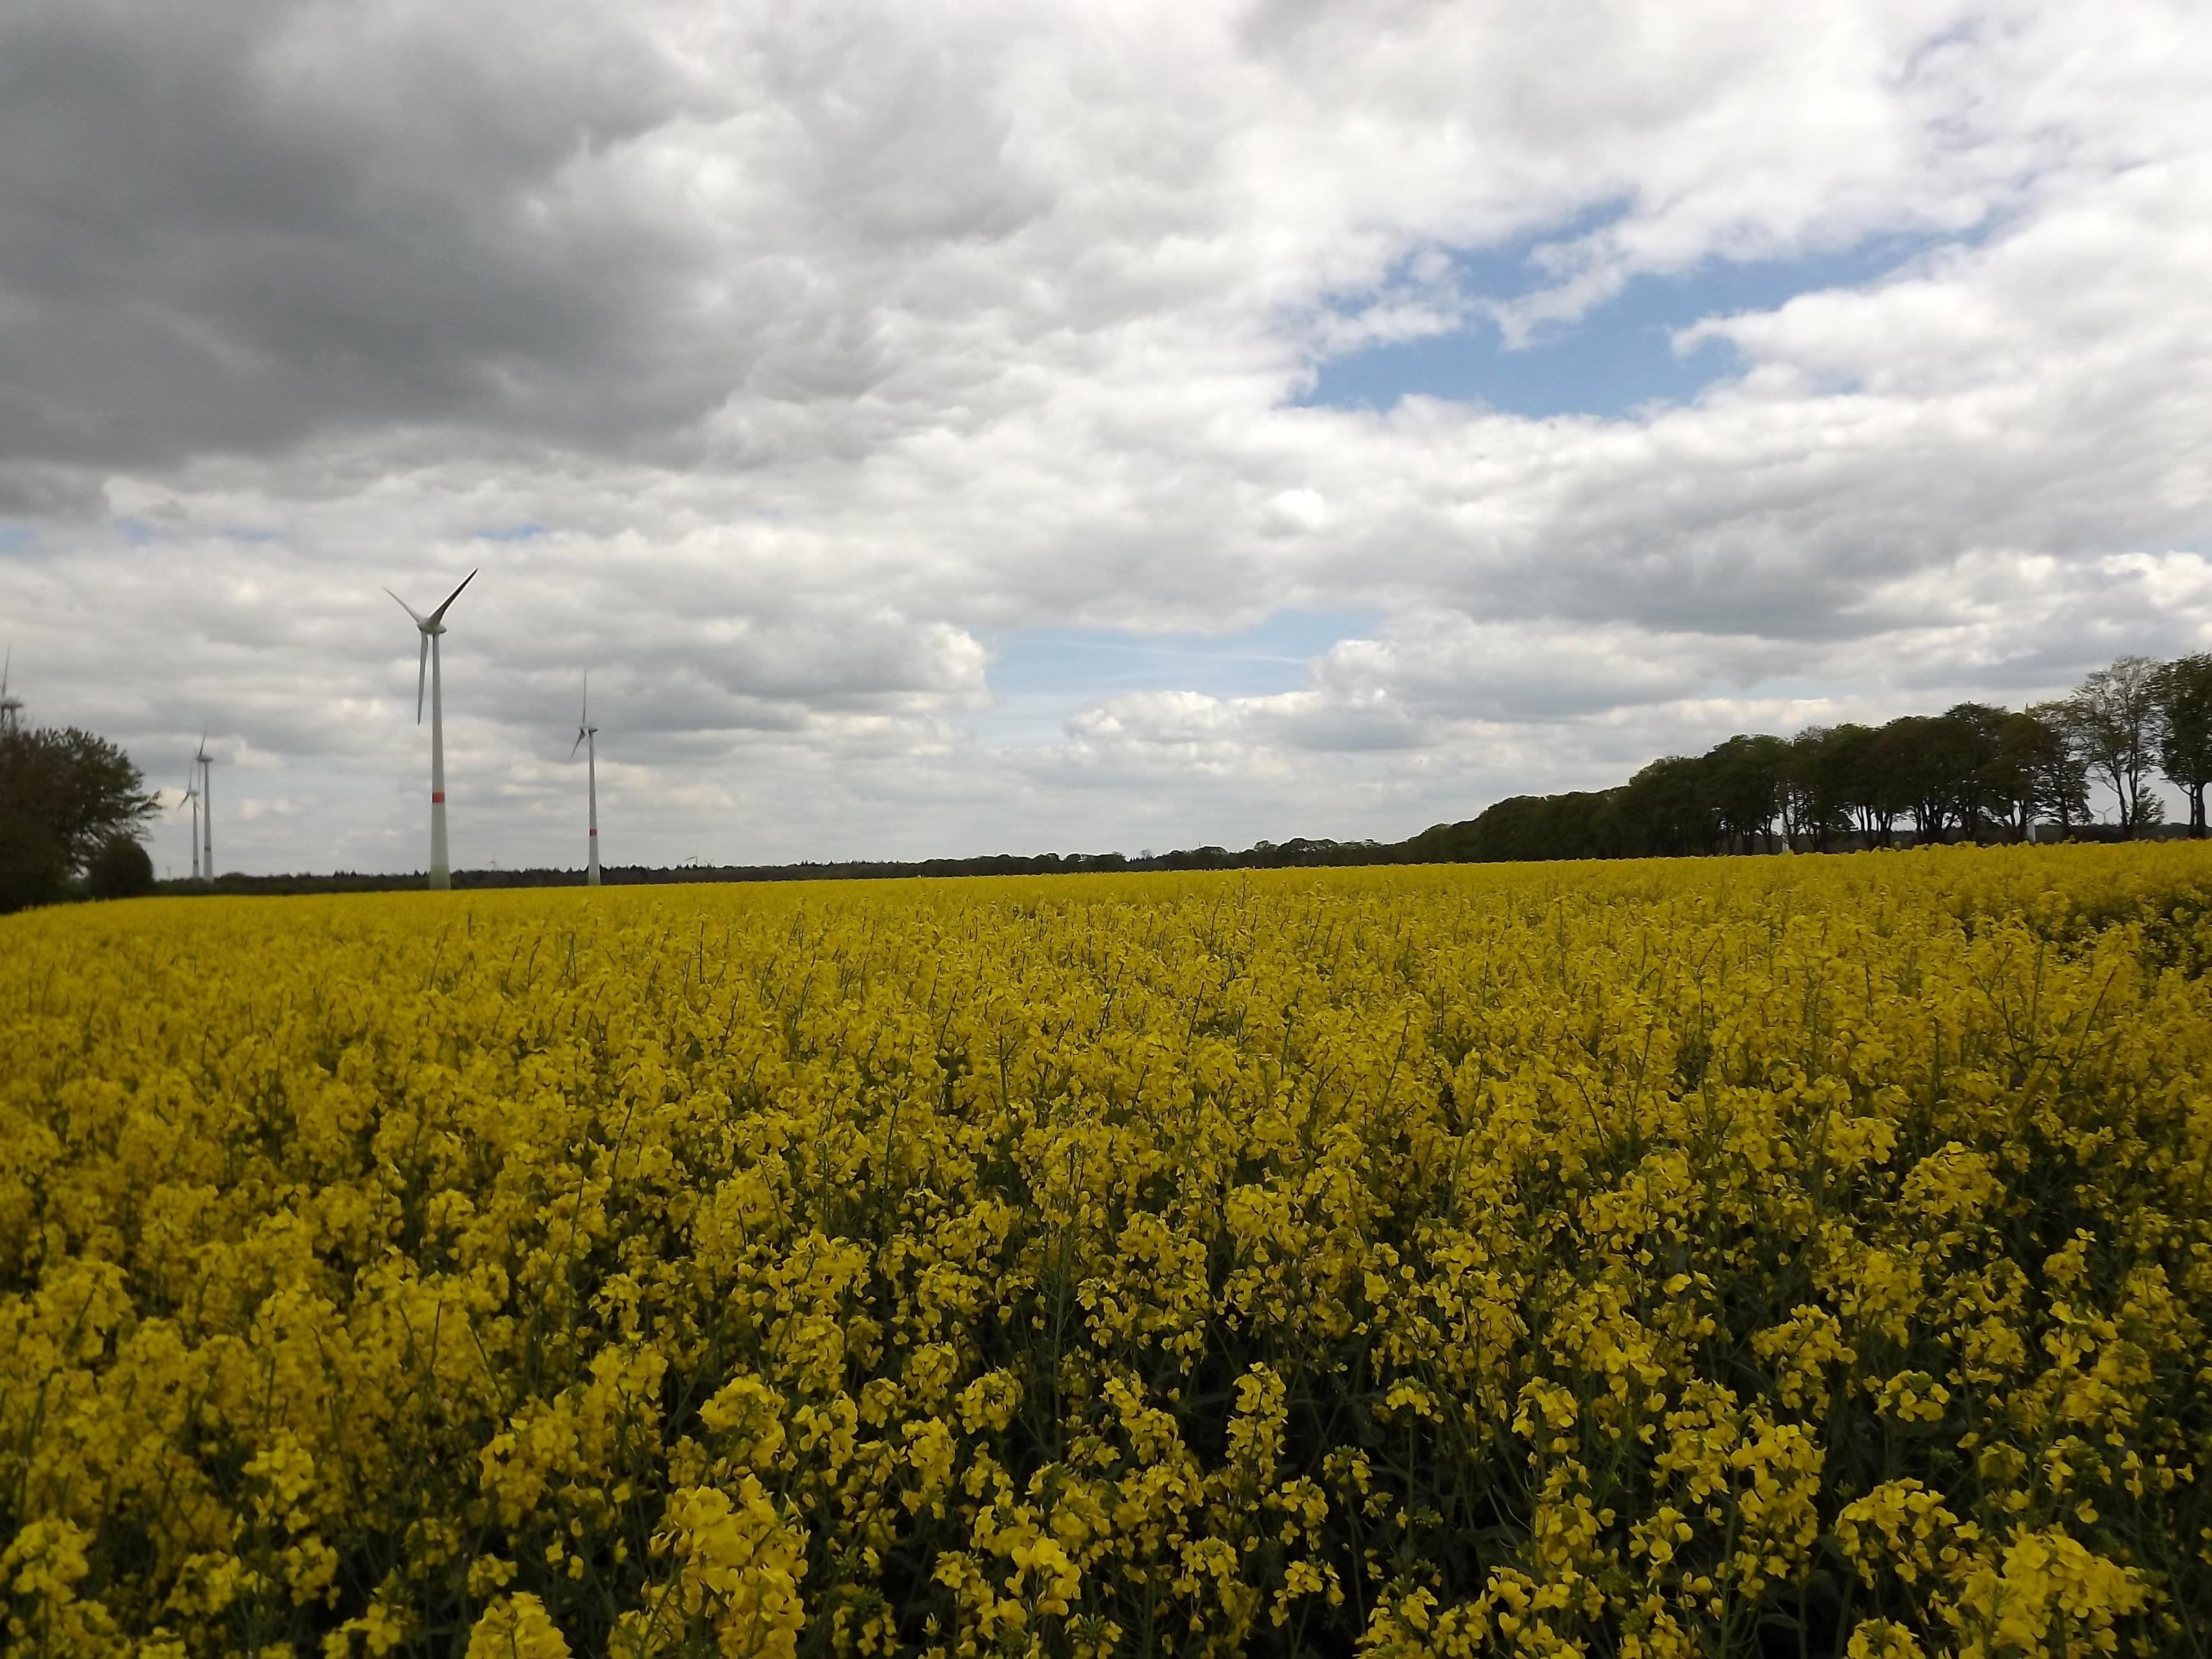 6011-gelbes-feld-wolken-sonnenschein